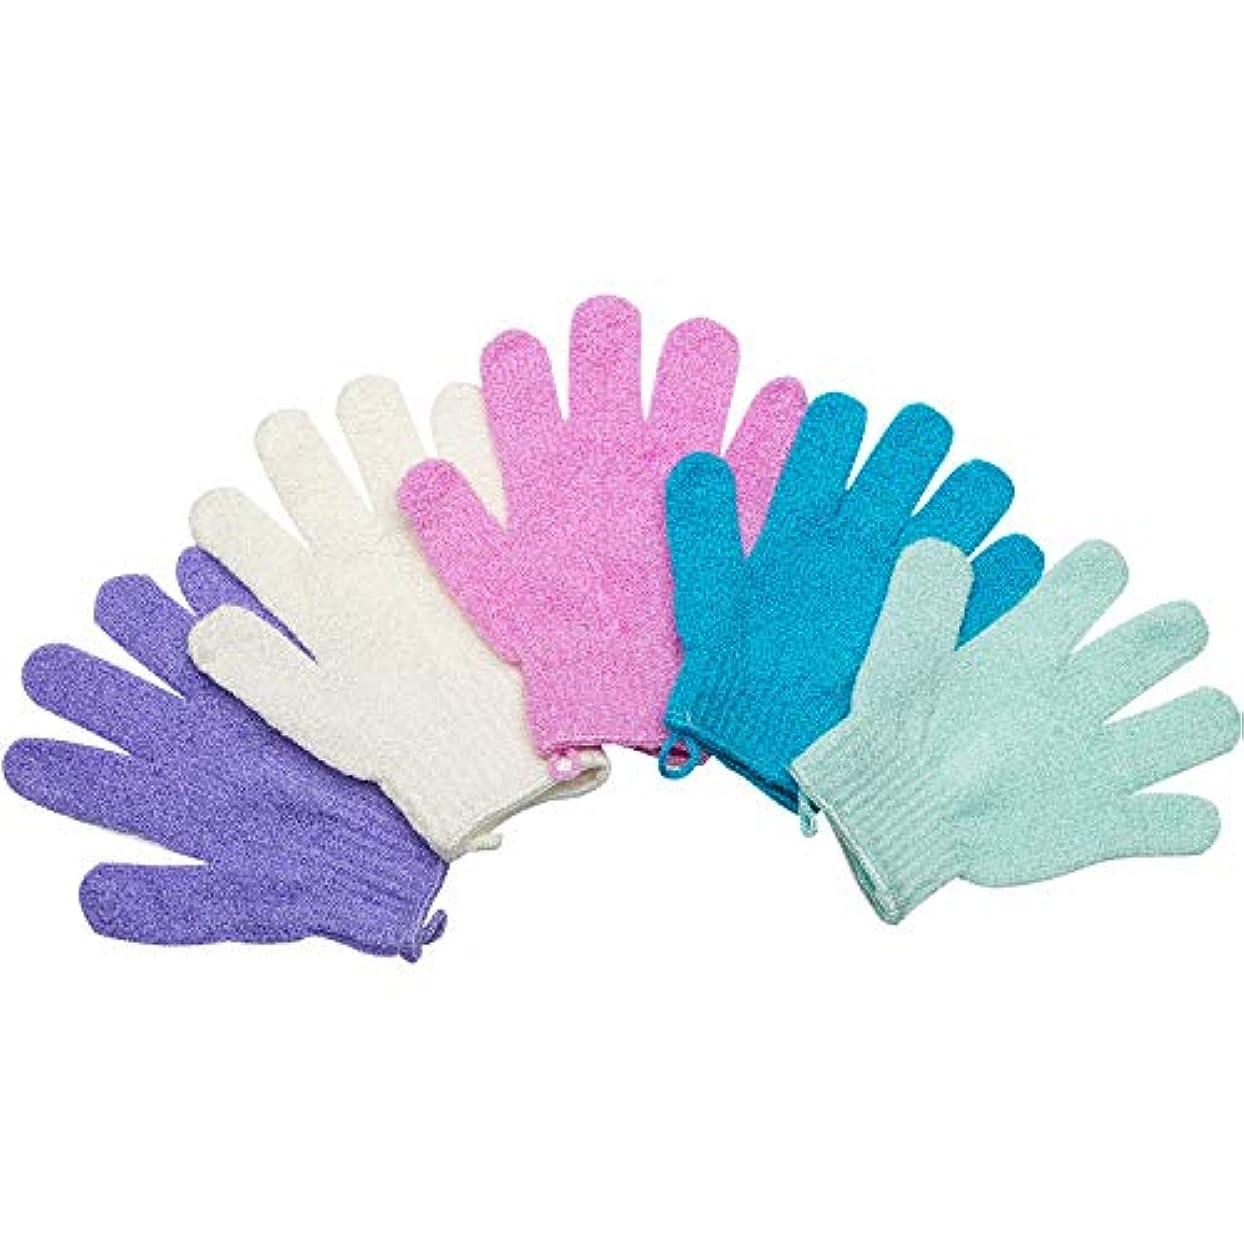 メッシュタッチ干ばつ5ペアセットお風呂用手袋 入浴用品 垢すり用グローブ 抗菌加工 角質除去 泡立ち 男女兼用 便利なループ付け